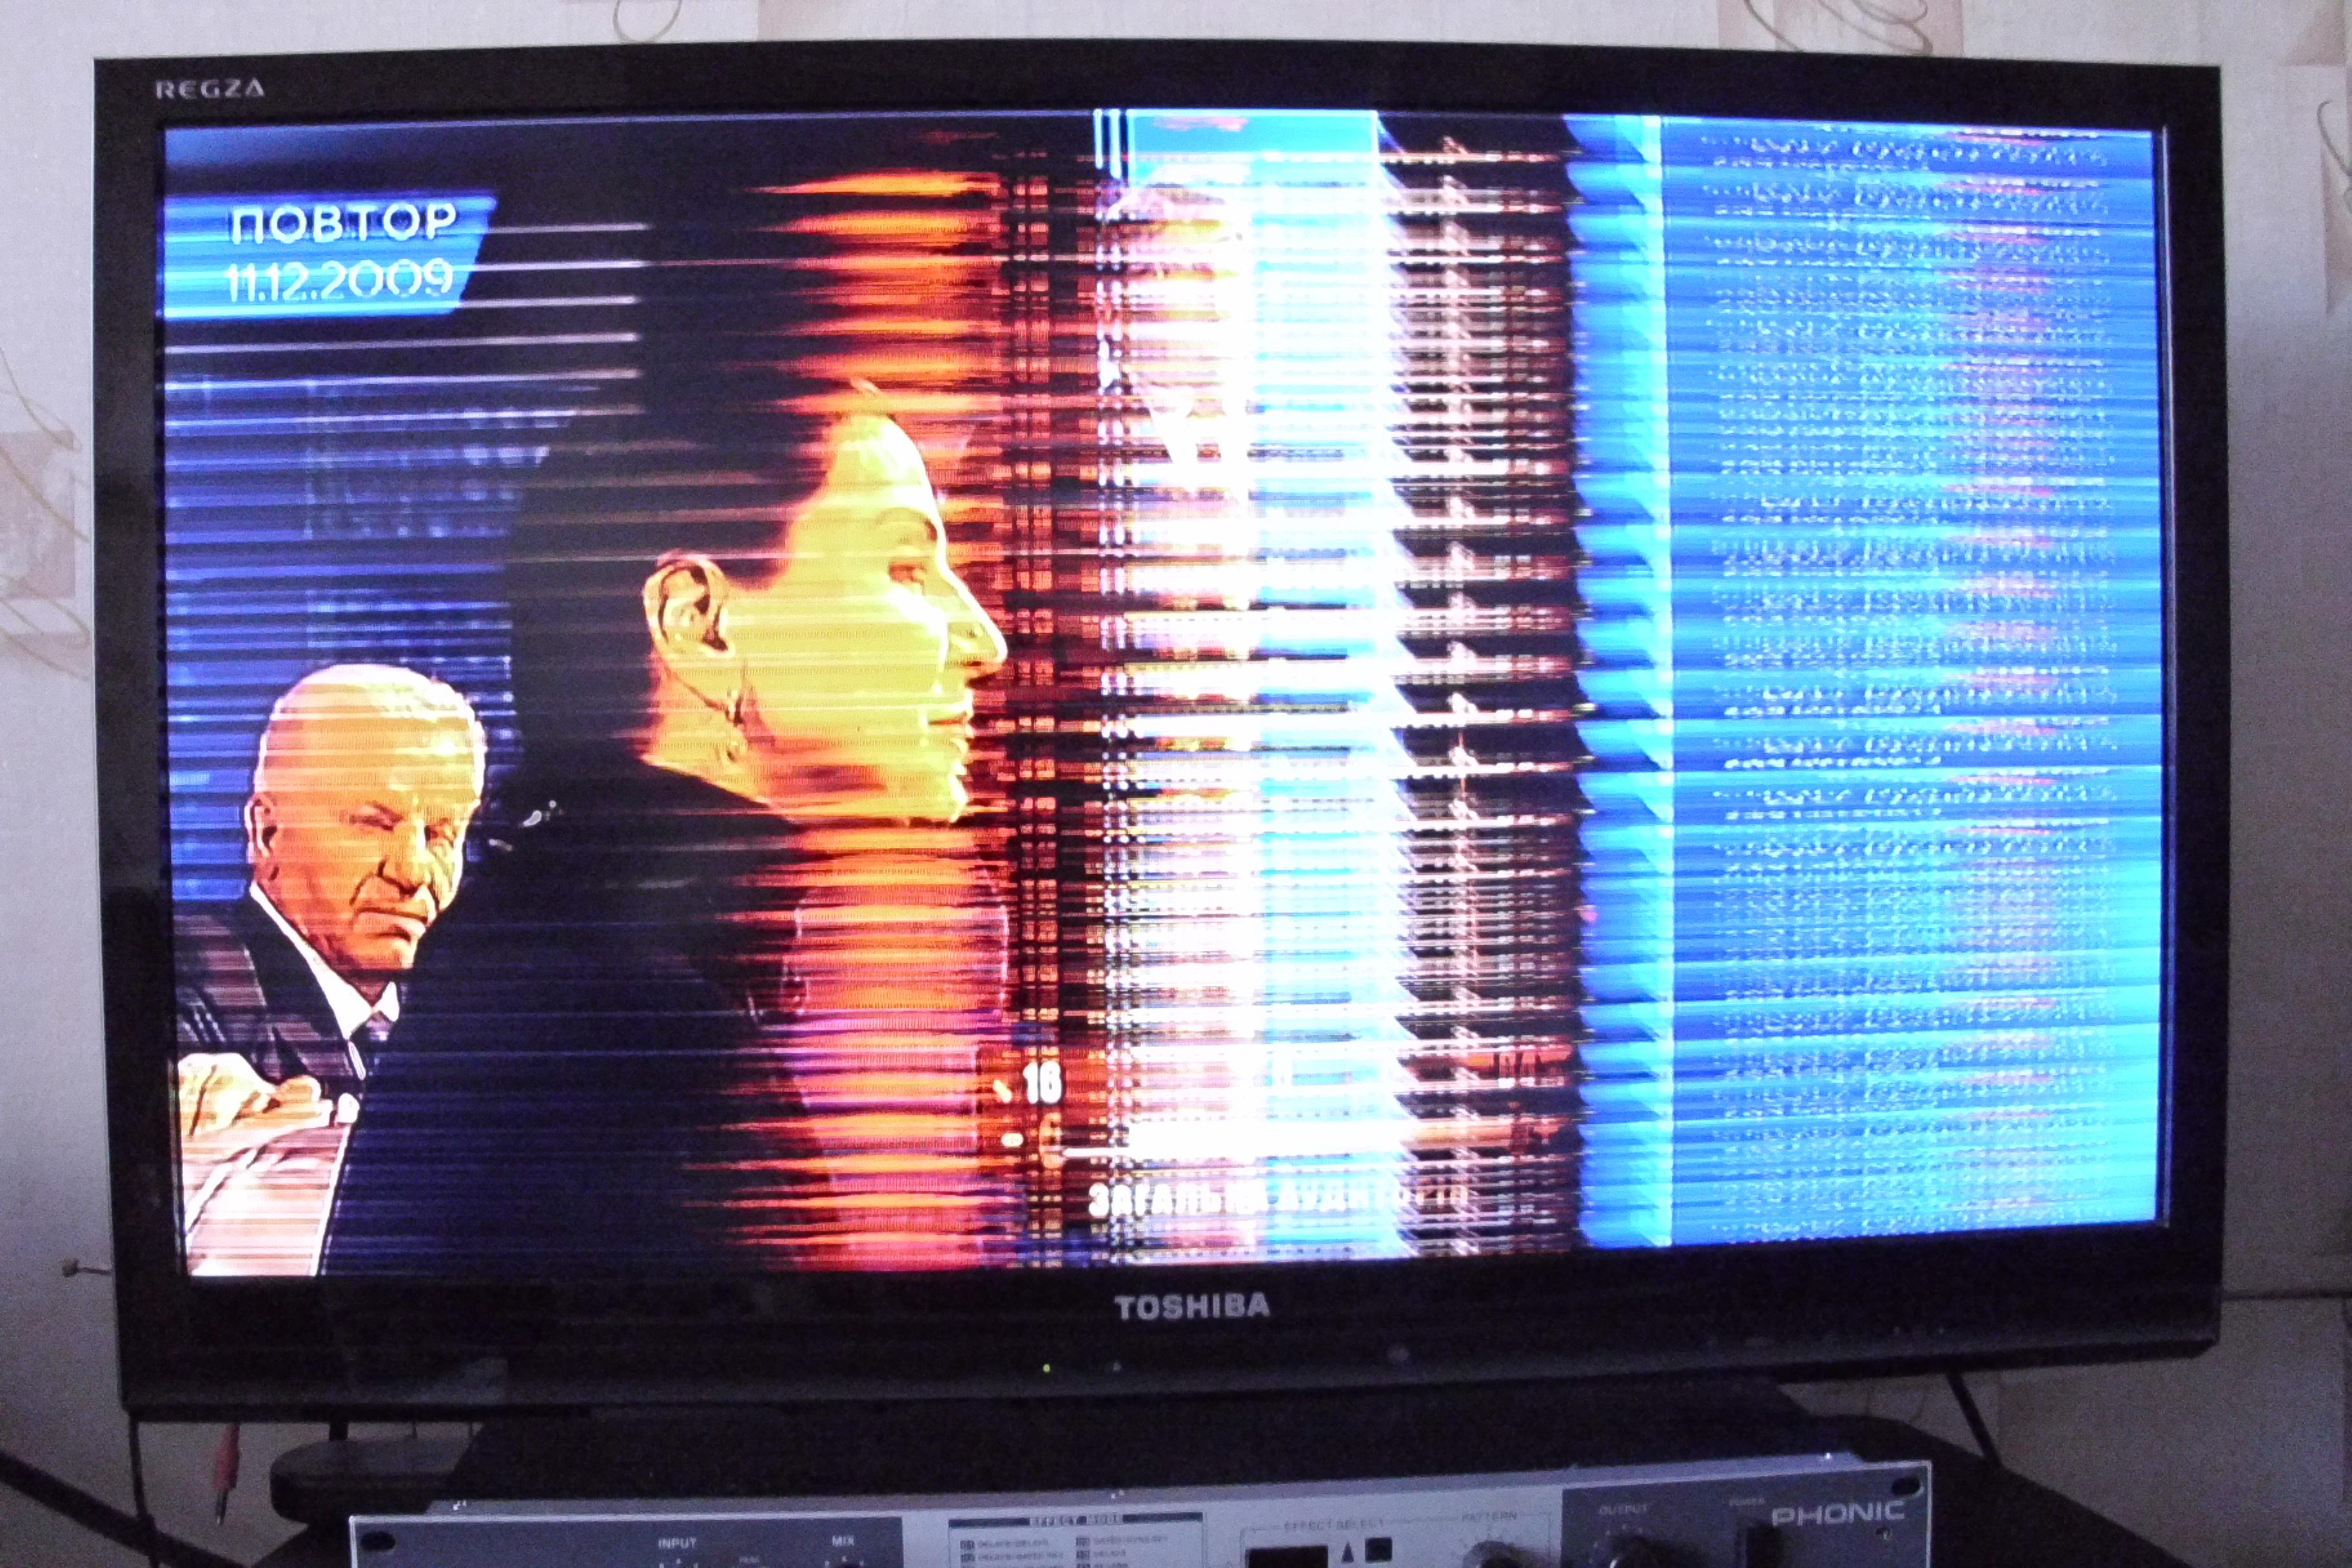 почему на телевизоре изображения нет а звук есть